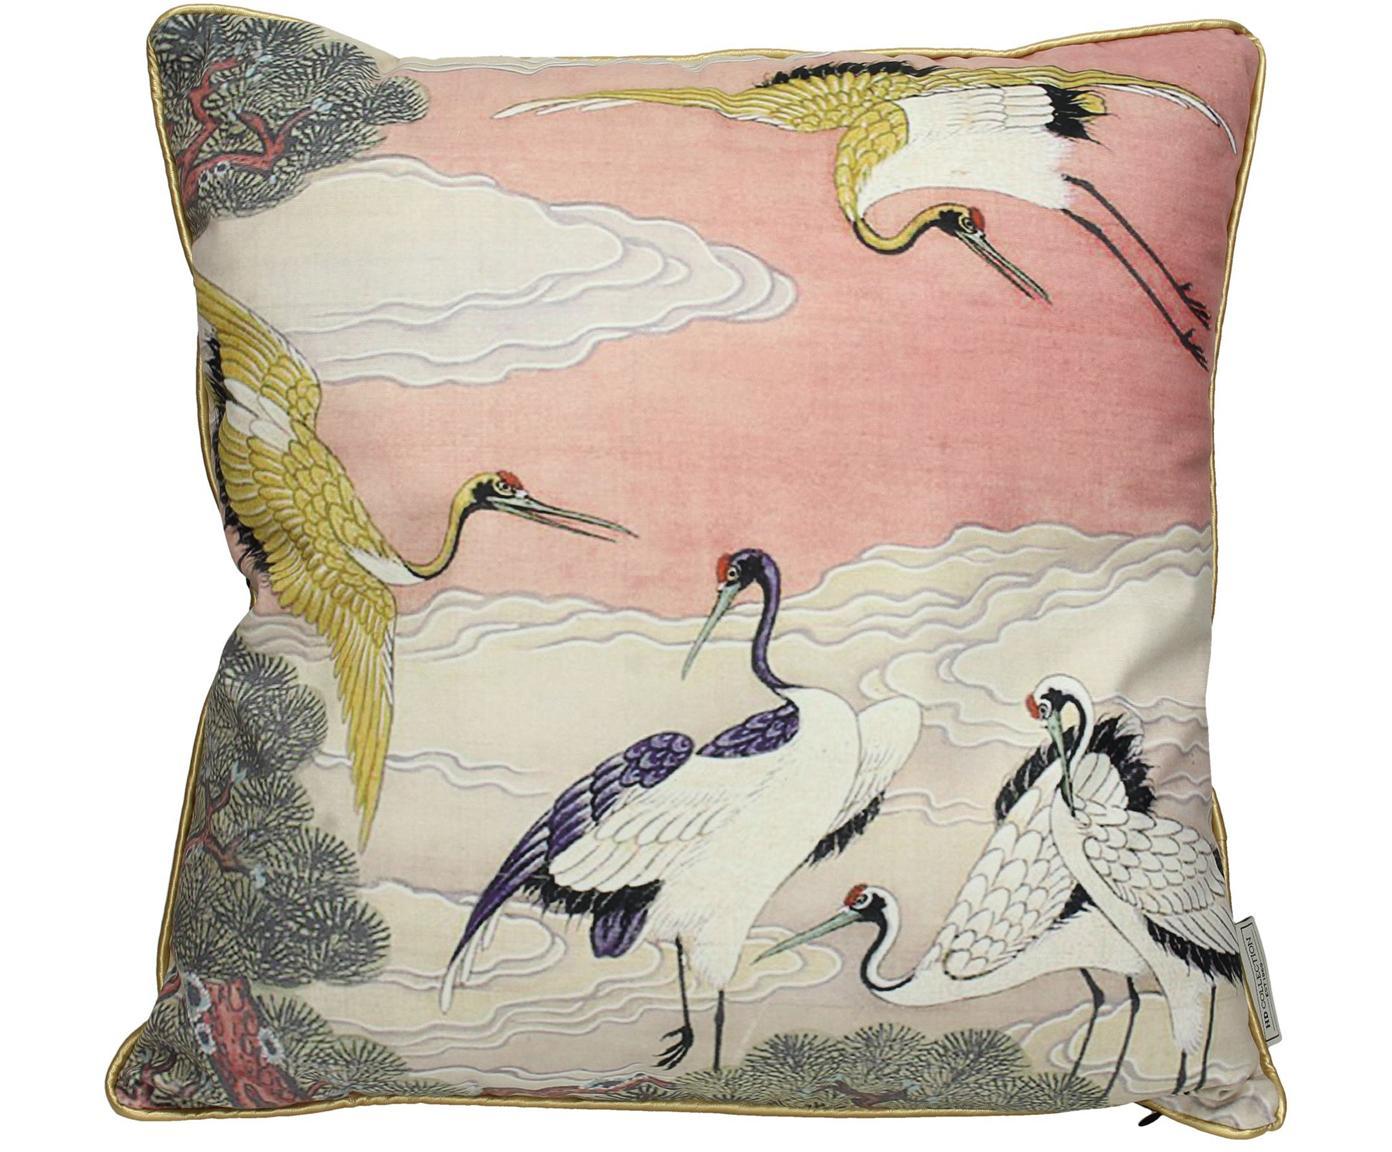 Cuscino in velluto con imbottitura Storcks, Velluto di poliestere, Multicolore, Larg. 45 x Lung. 45 cm